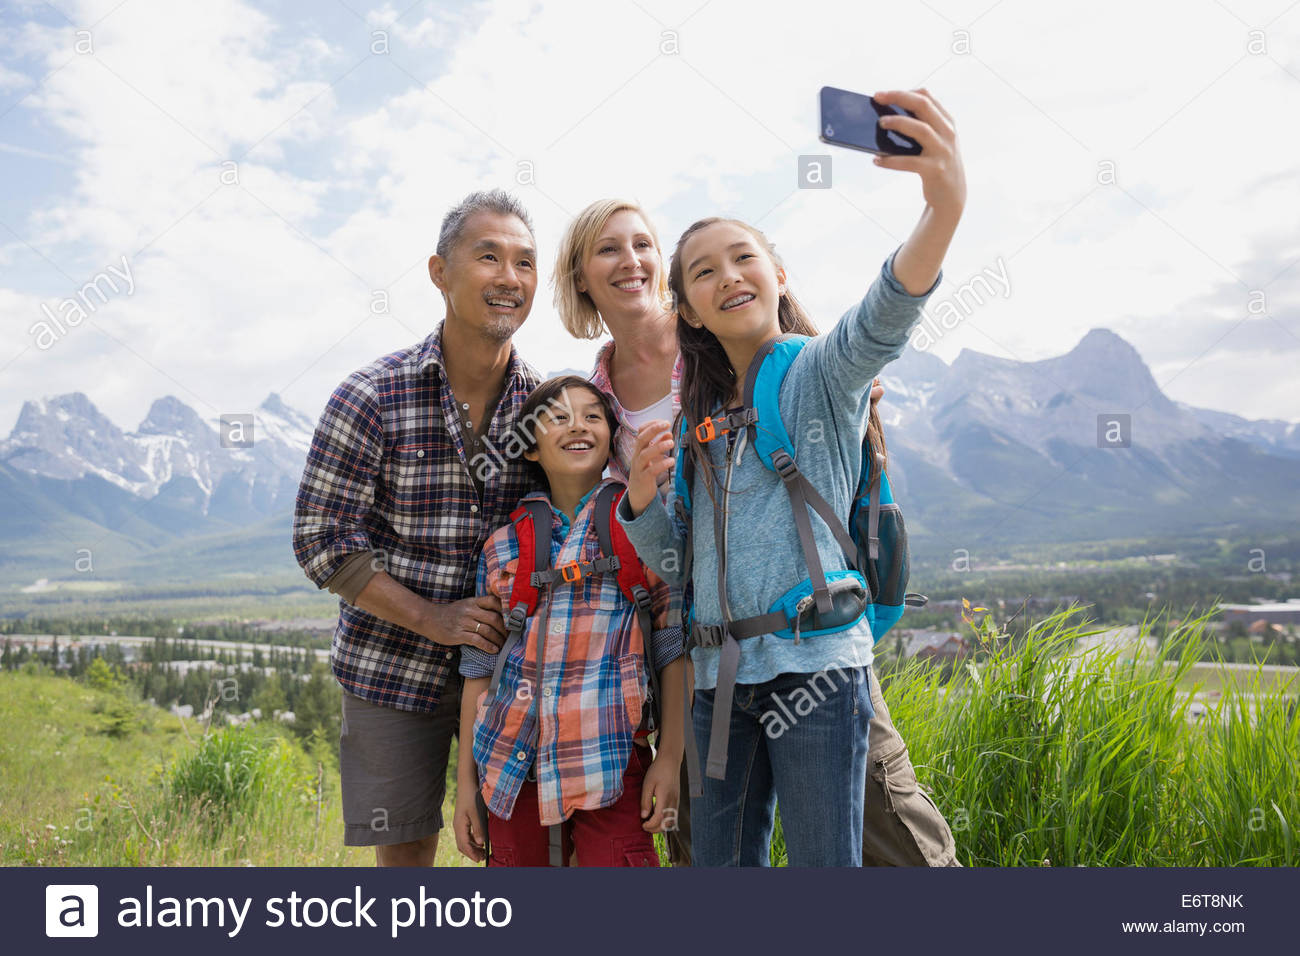 Familie Handy-Aufnahme auf ländlichen Hügel Stockbild